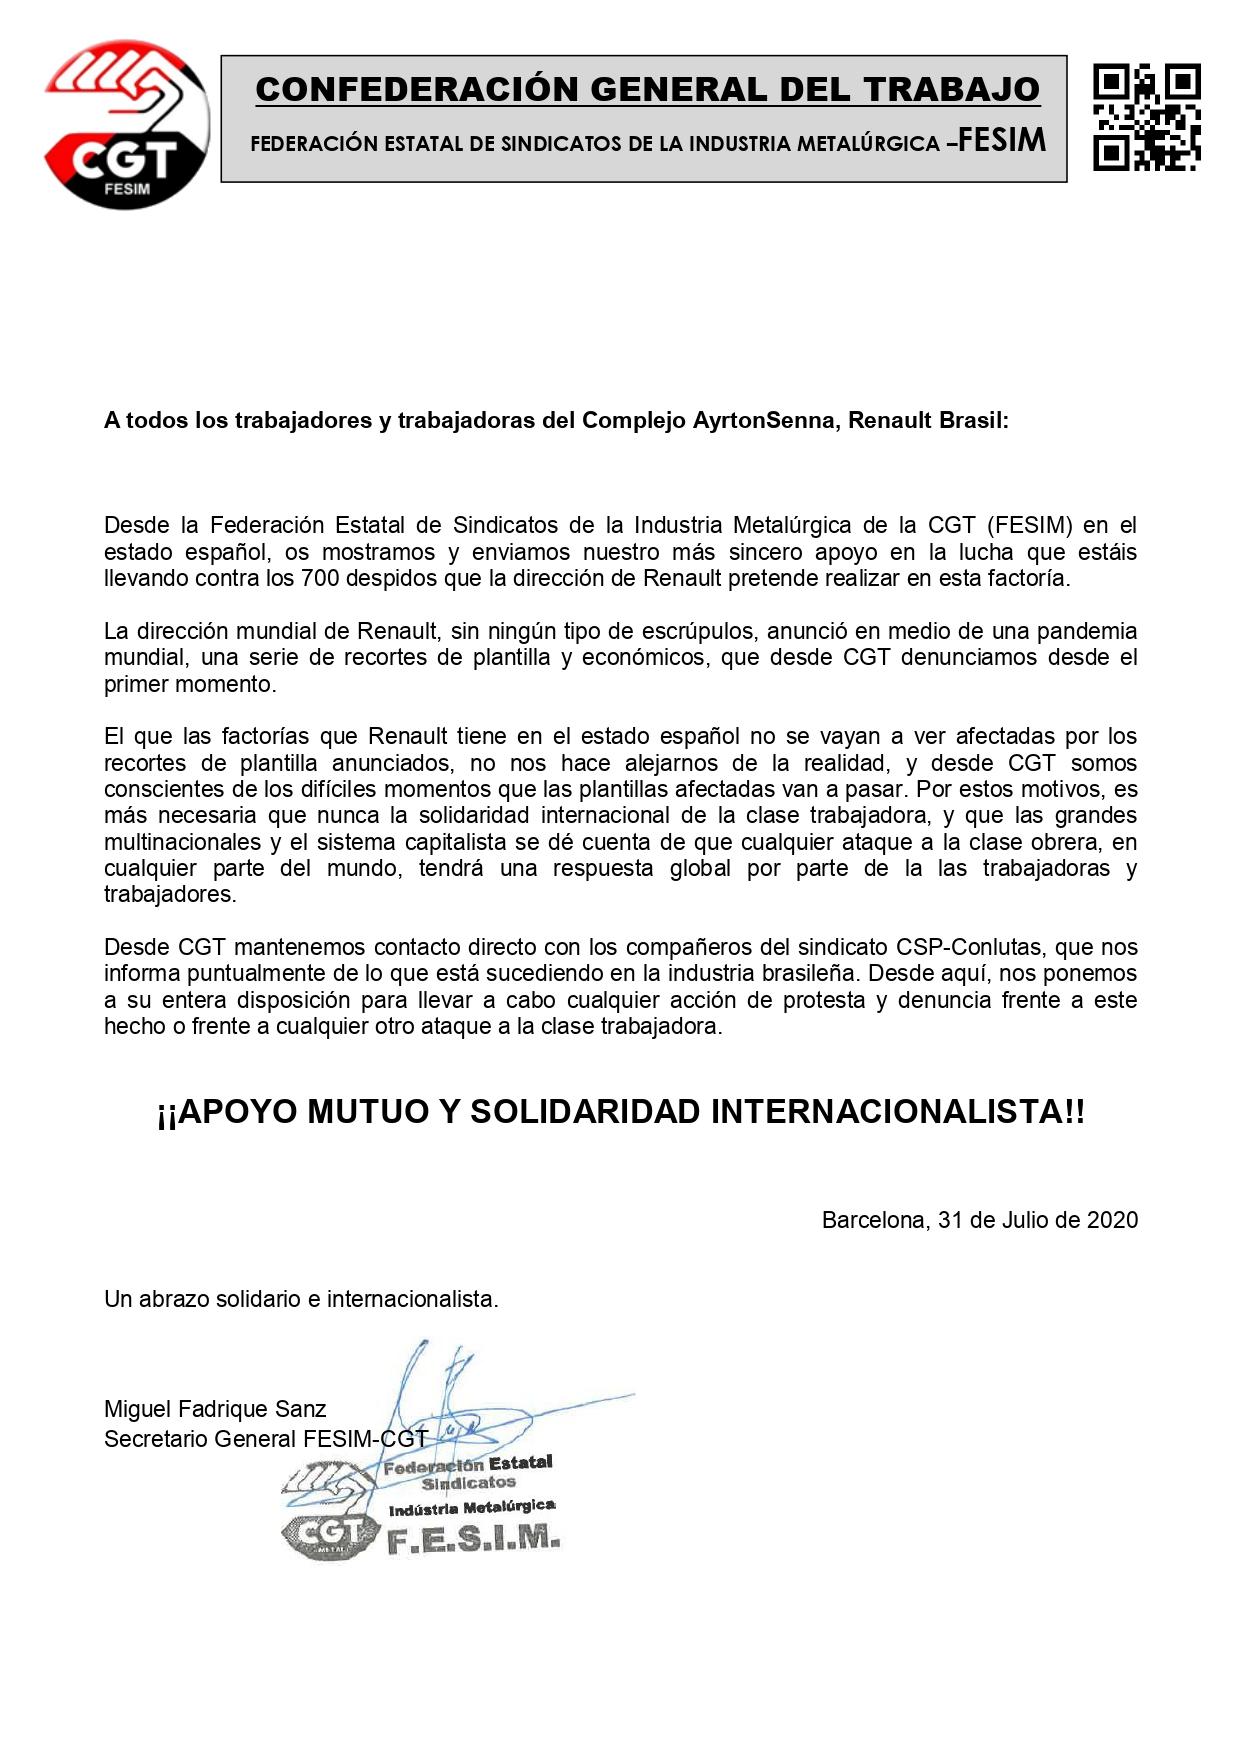 Apoyo Renault Brasil 200730 (def) (1)_page-0001